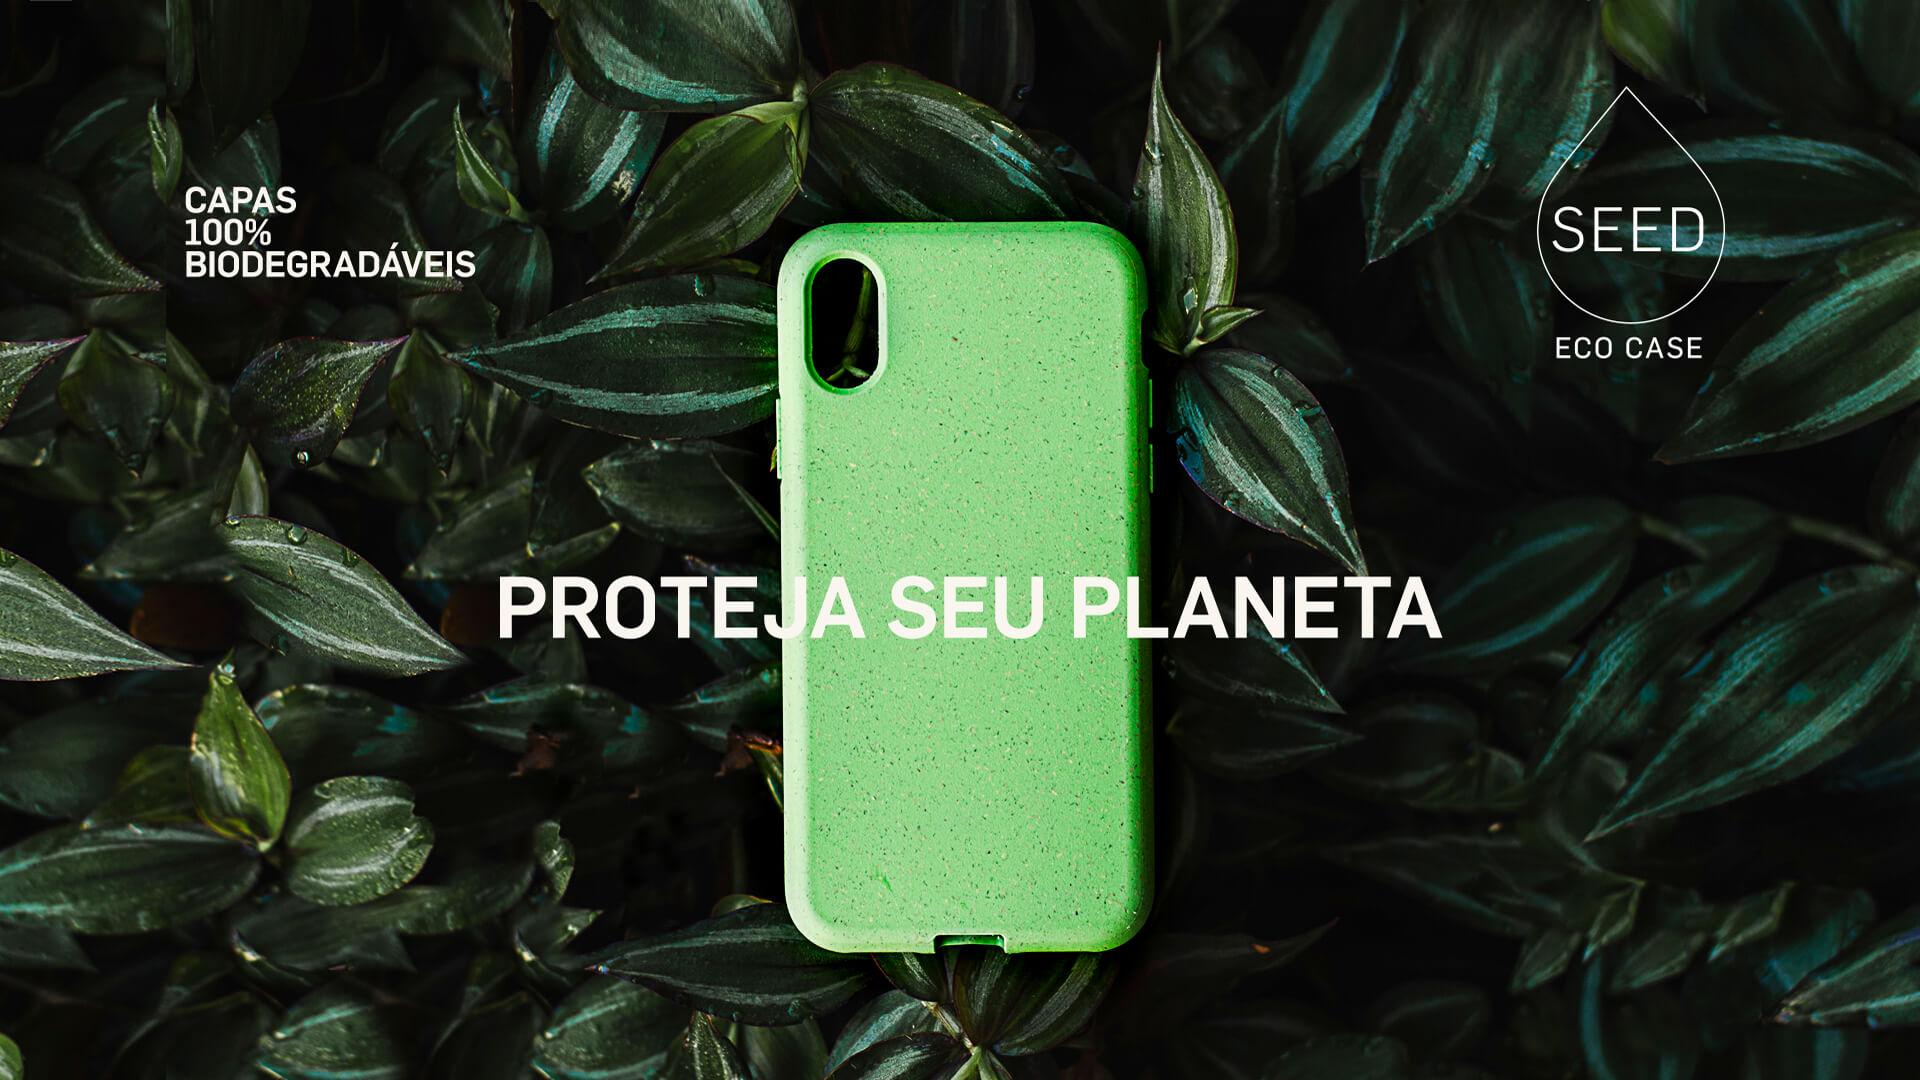 Ecoseed capas, evolua com o planeta.